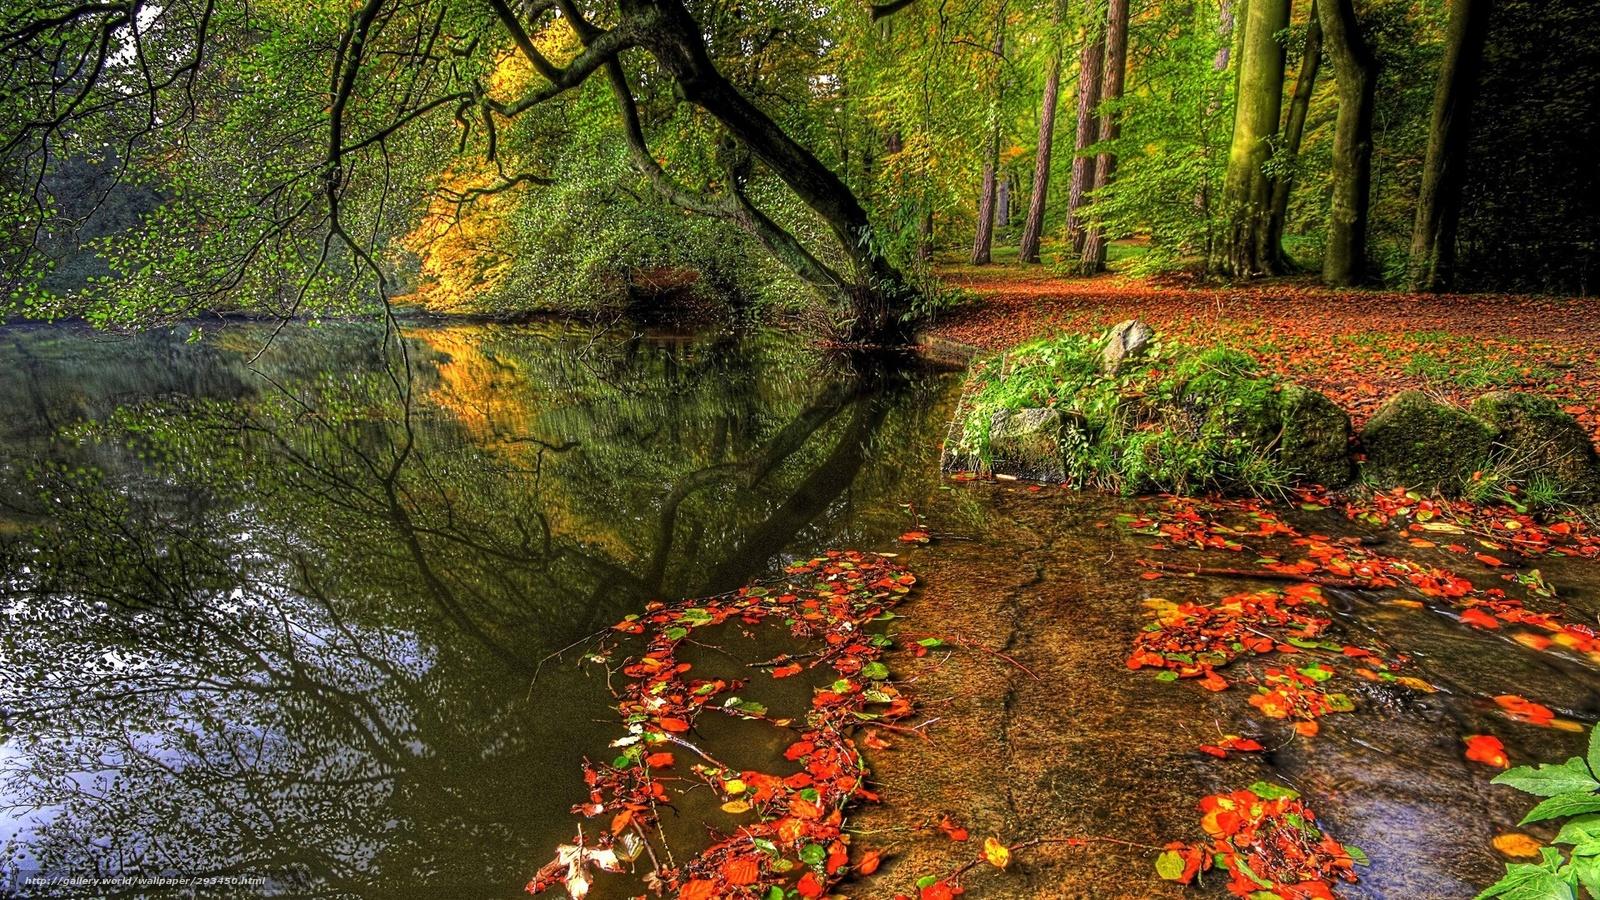 壁紙をダウンロード 風景 ビュー 美しさ 秋 デスクトップの解像度のための無料壁紙 19x1080 絵